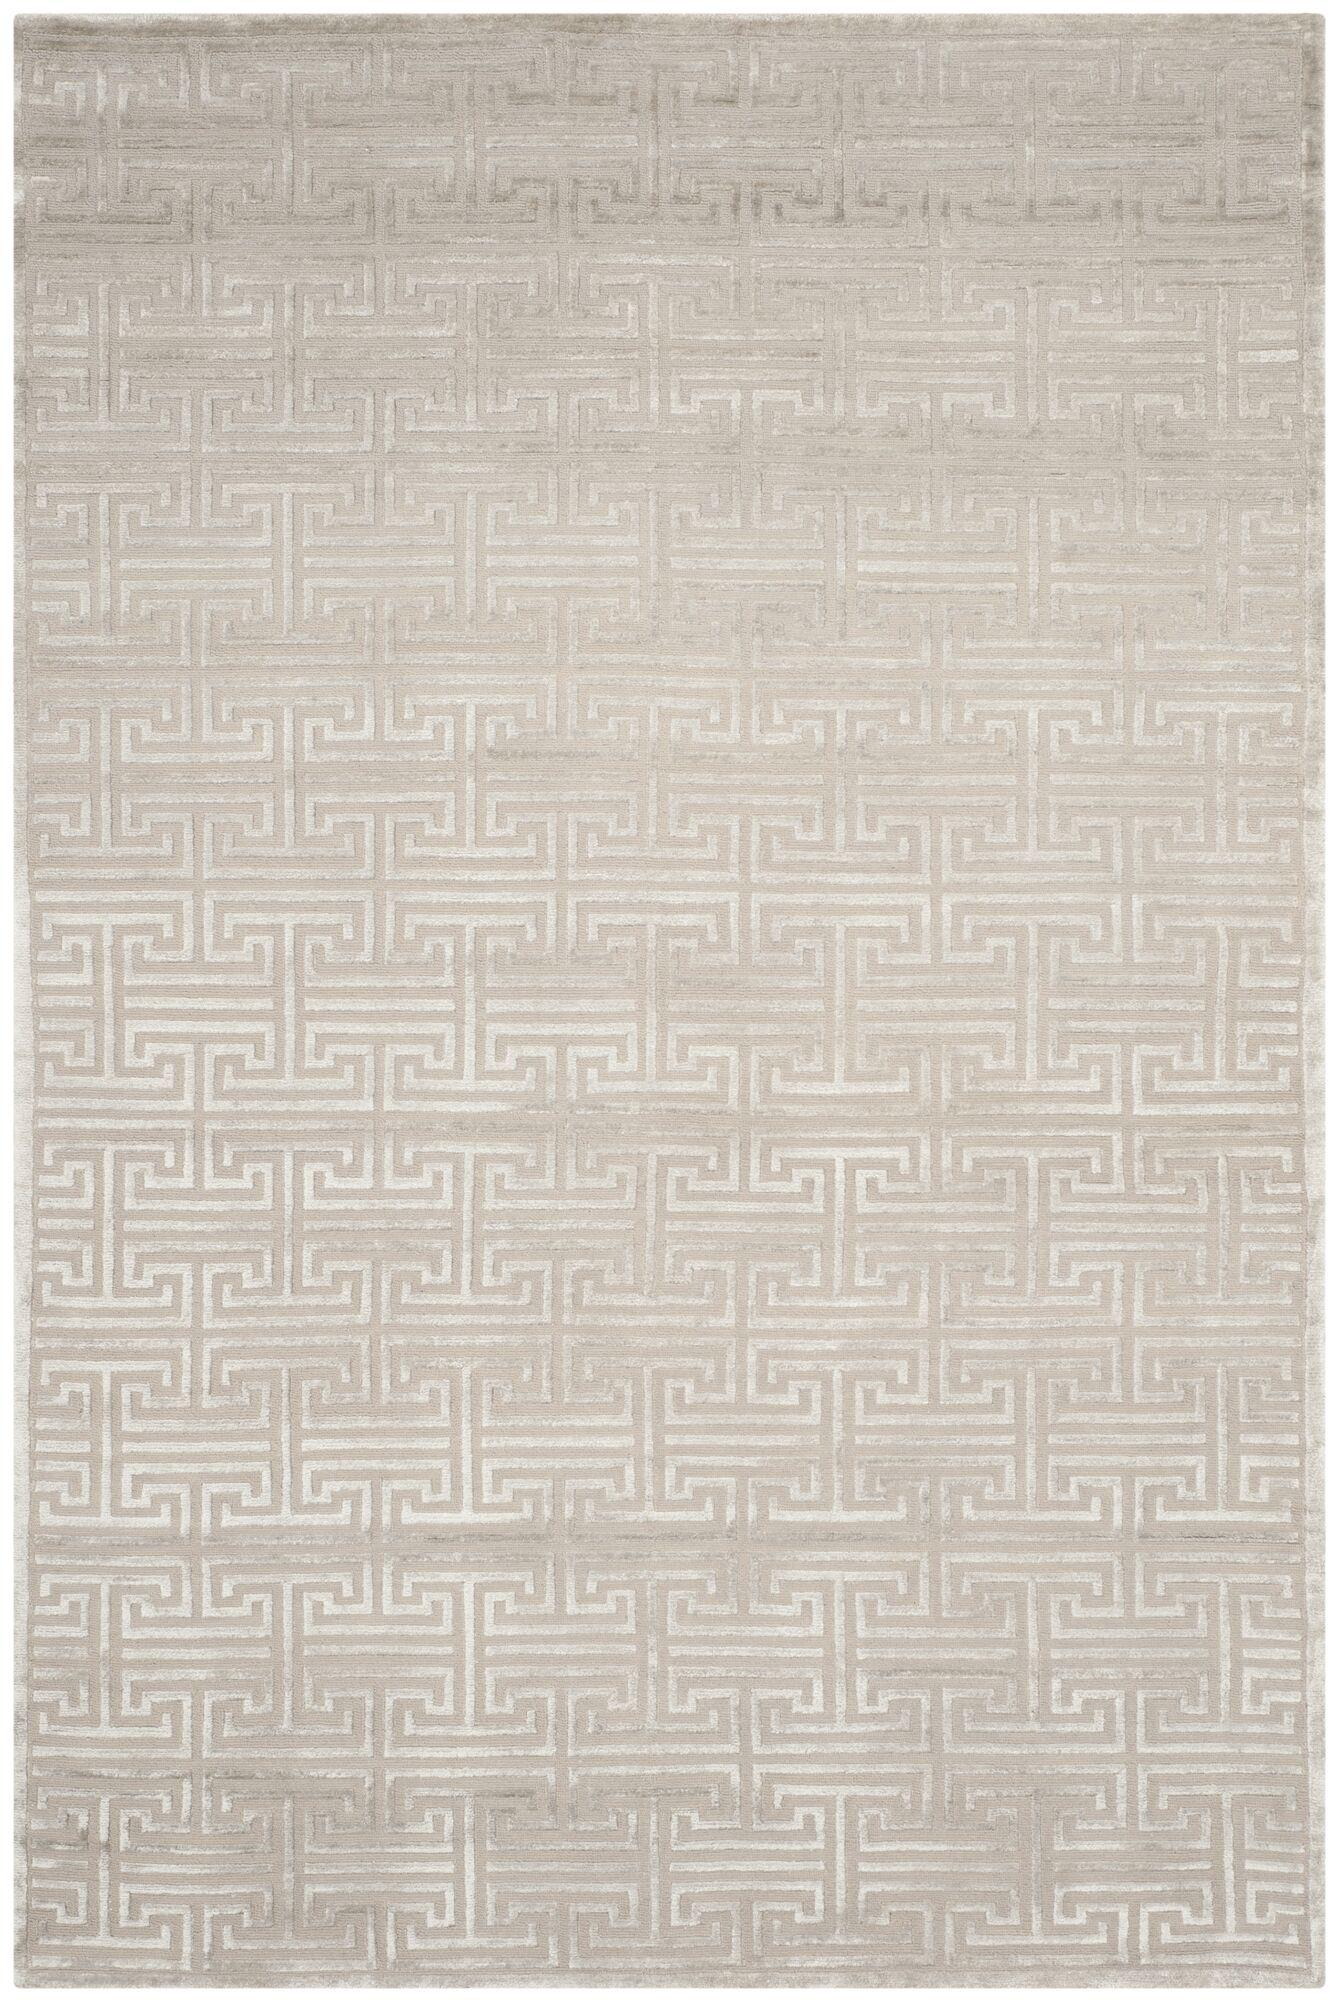 Fogg Tibetan Hand Knotted Gray Area Rug Rug Size: Rectangle 10' x 14'